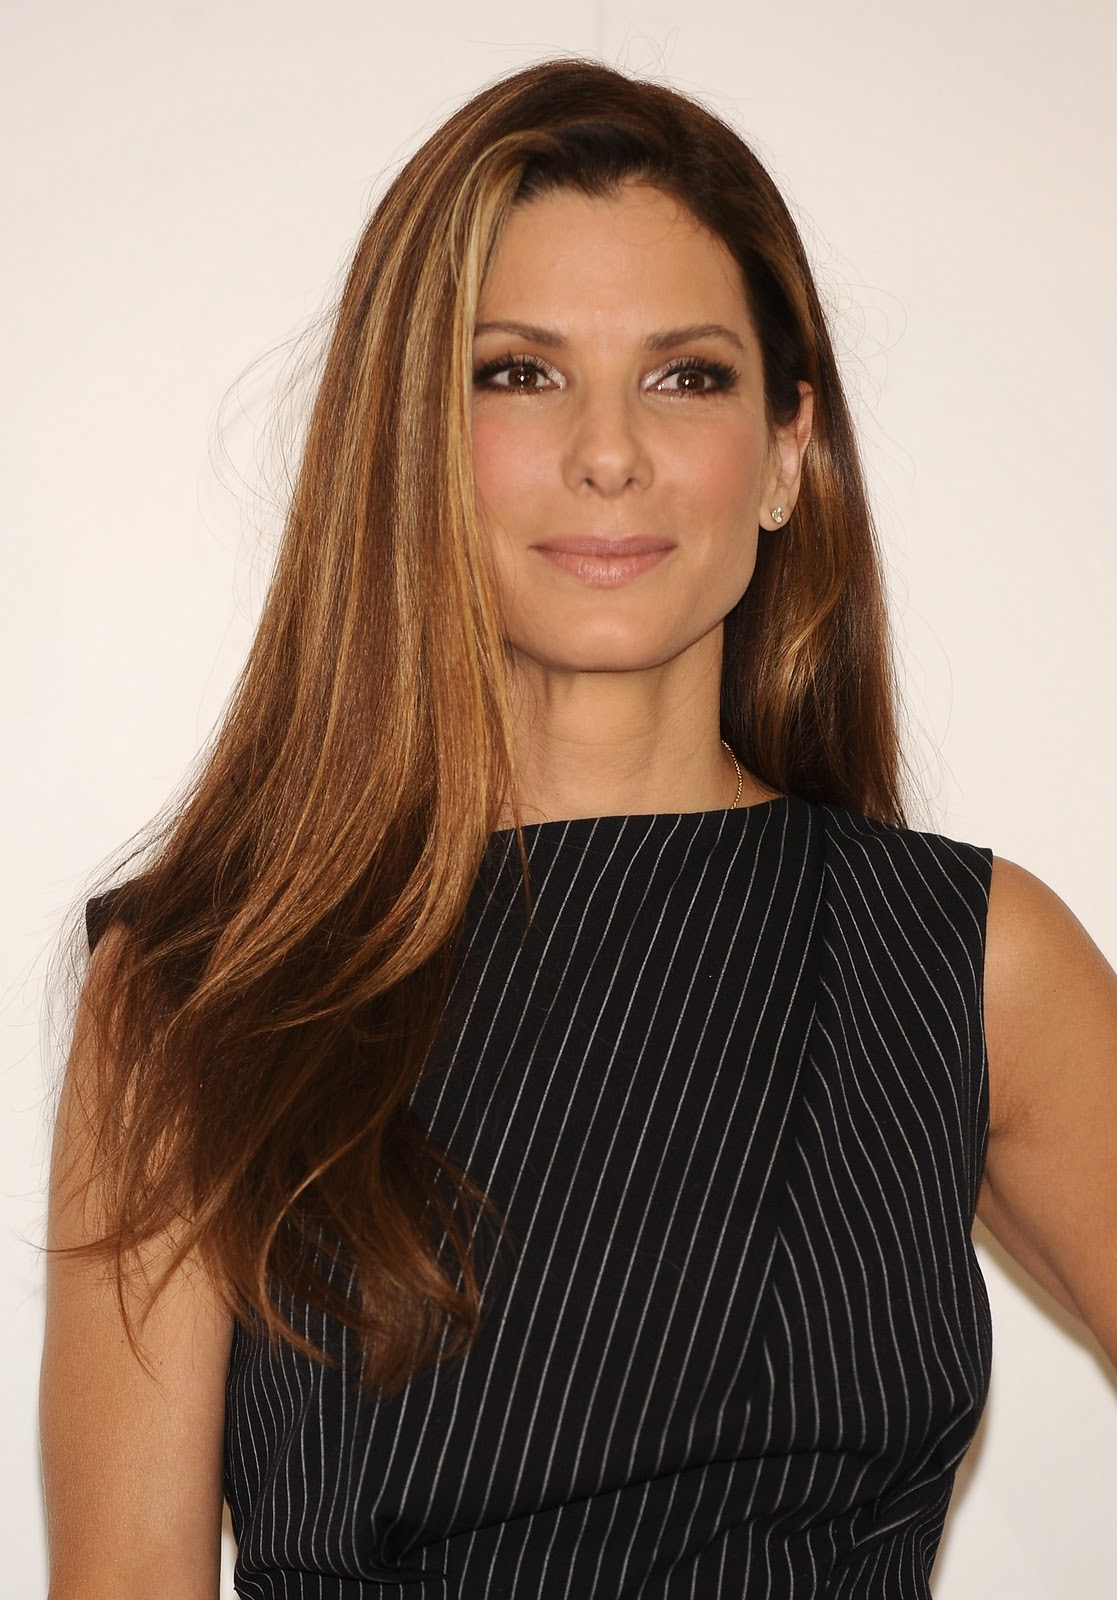 http://4.bp.blogspot.com/-xa69USJ3Q7Q/ToWe0LiGv6I/AAAAAAAAAiY/Ef5ZYdK1GR0/s1600/Beautiful+Sandra+Bullock+%252825%2529.jpg